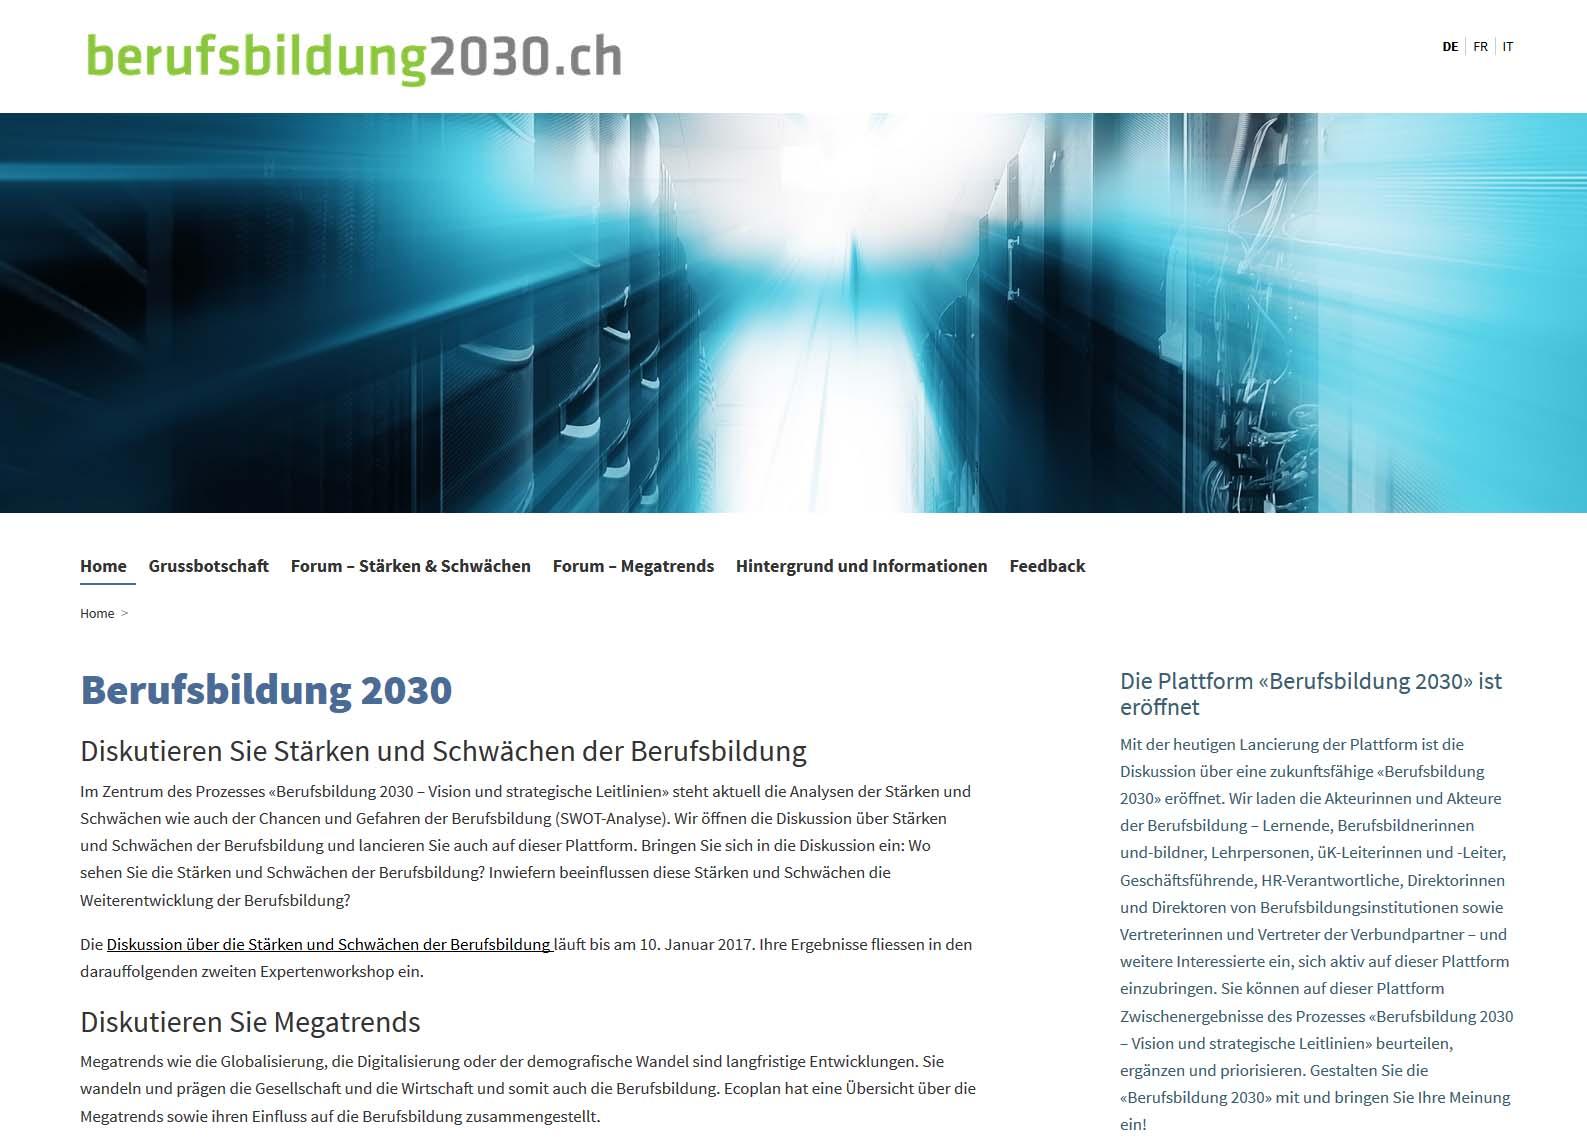 Screenshot von Berufsbildung 2030